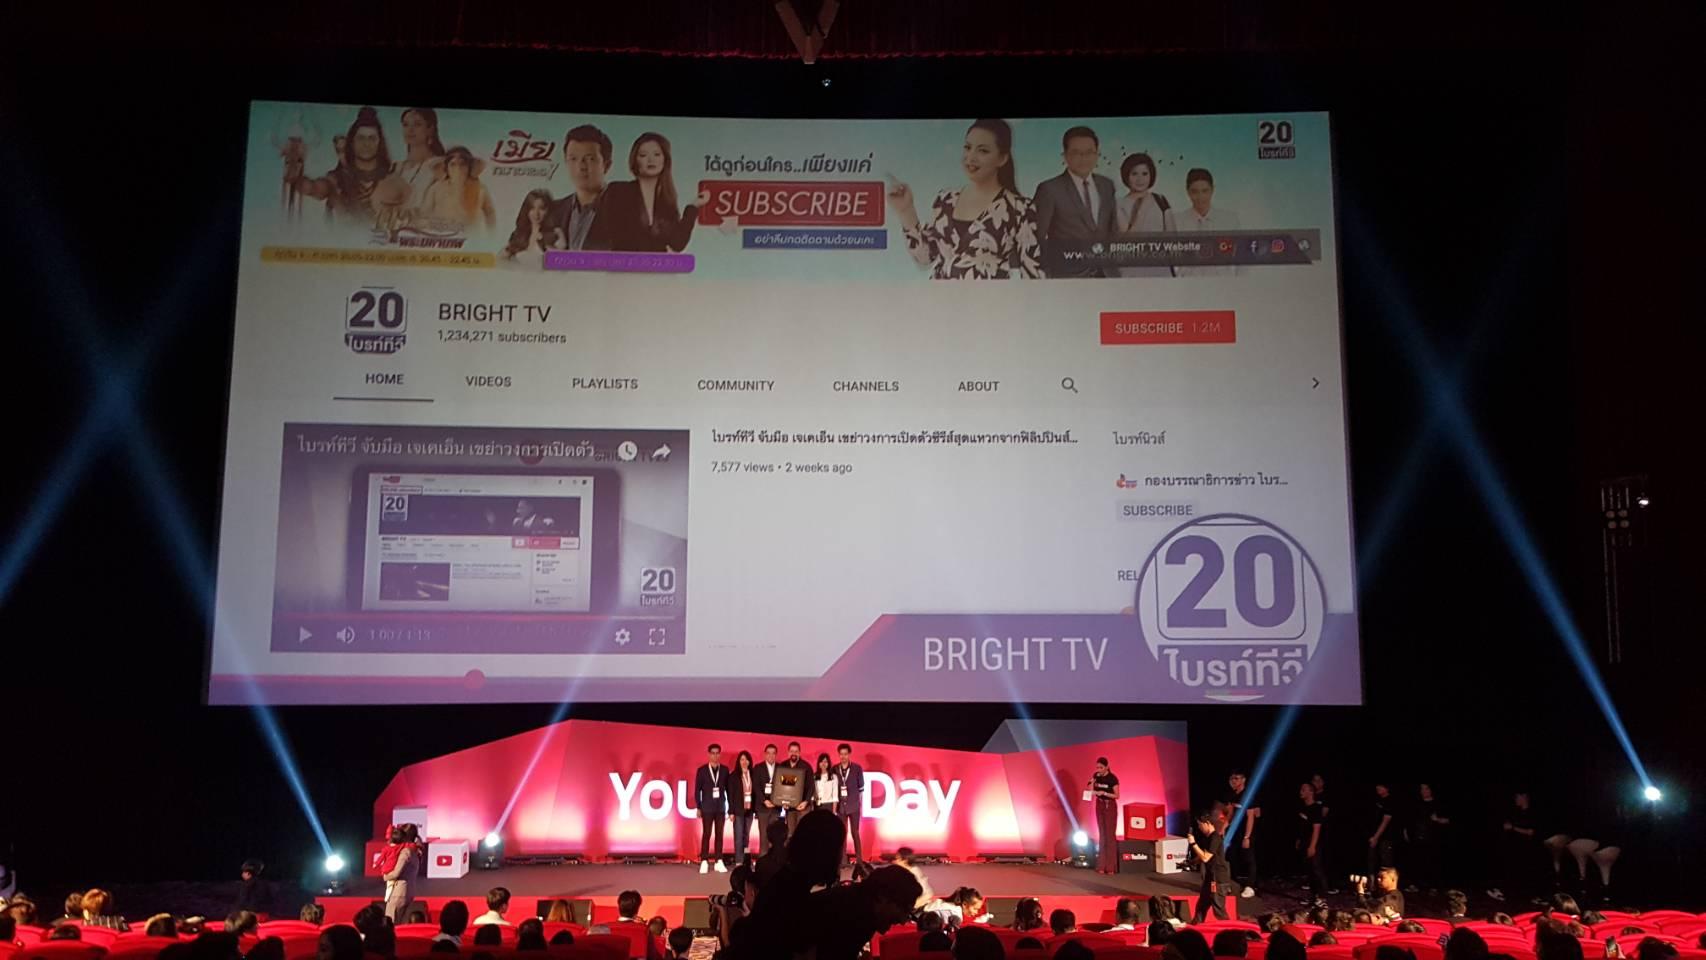 ไบรท์ทีวี รับรางวัล Gold Button จาก Youtube หลังมียอดผู้ติดตามทะลุล้าน (รูป 6/6)